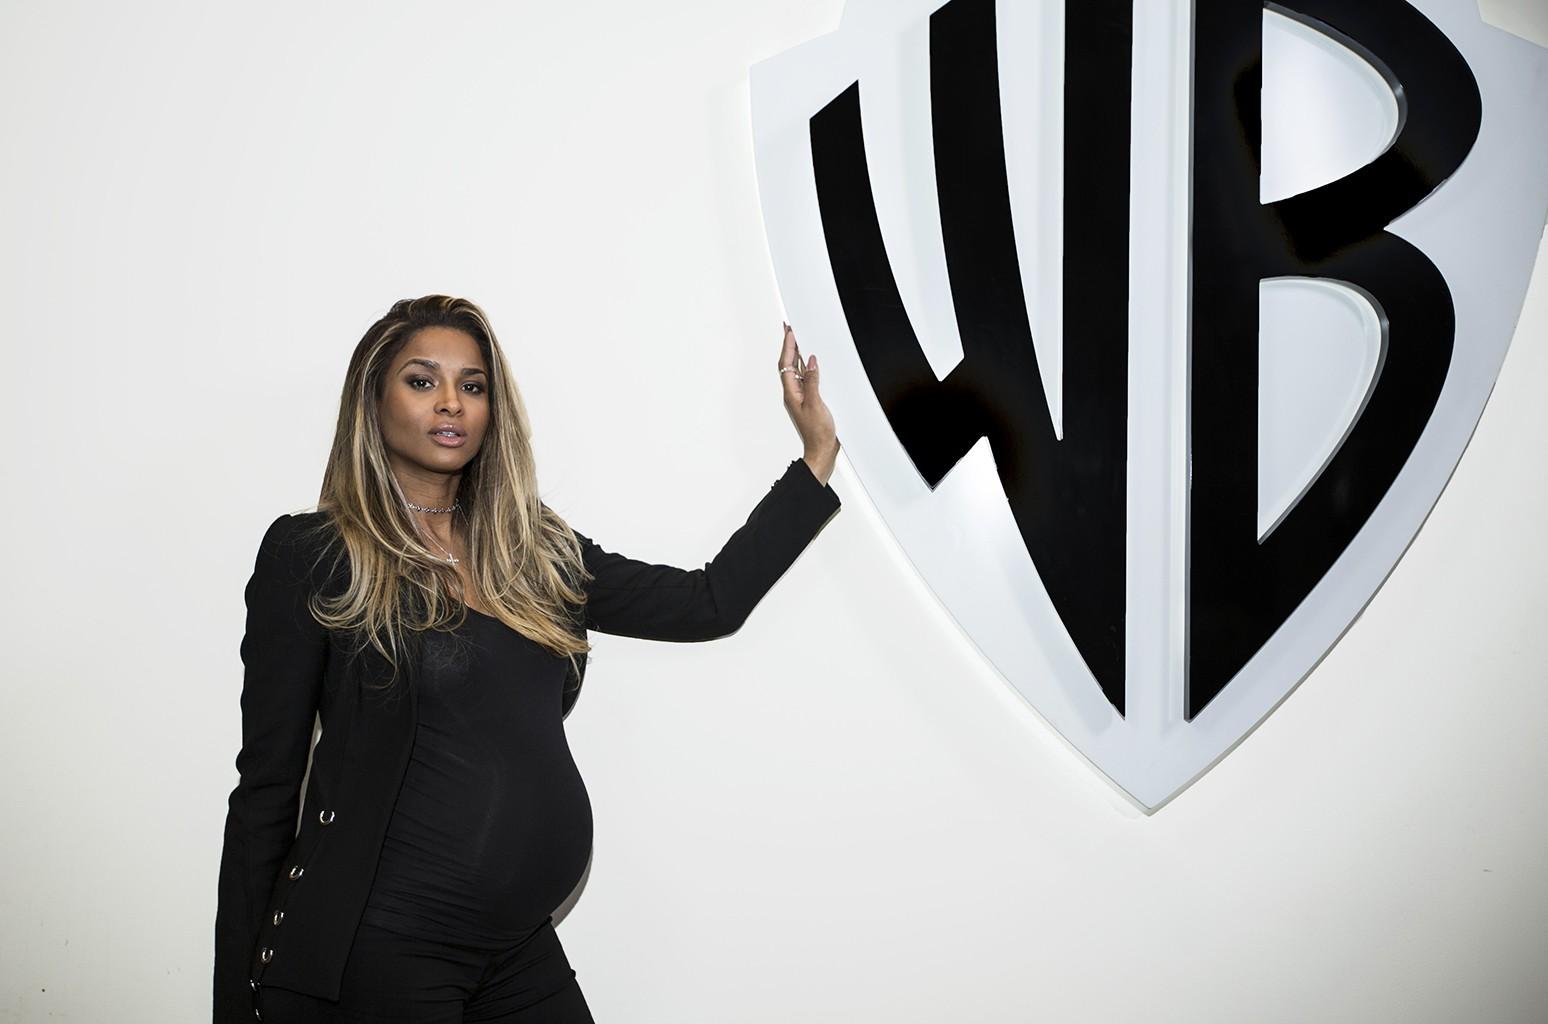 Ciara signs to Warner Bros. Records